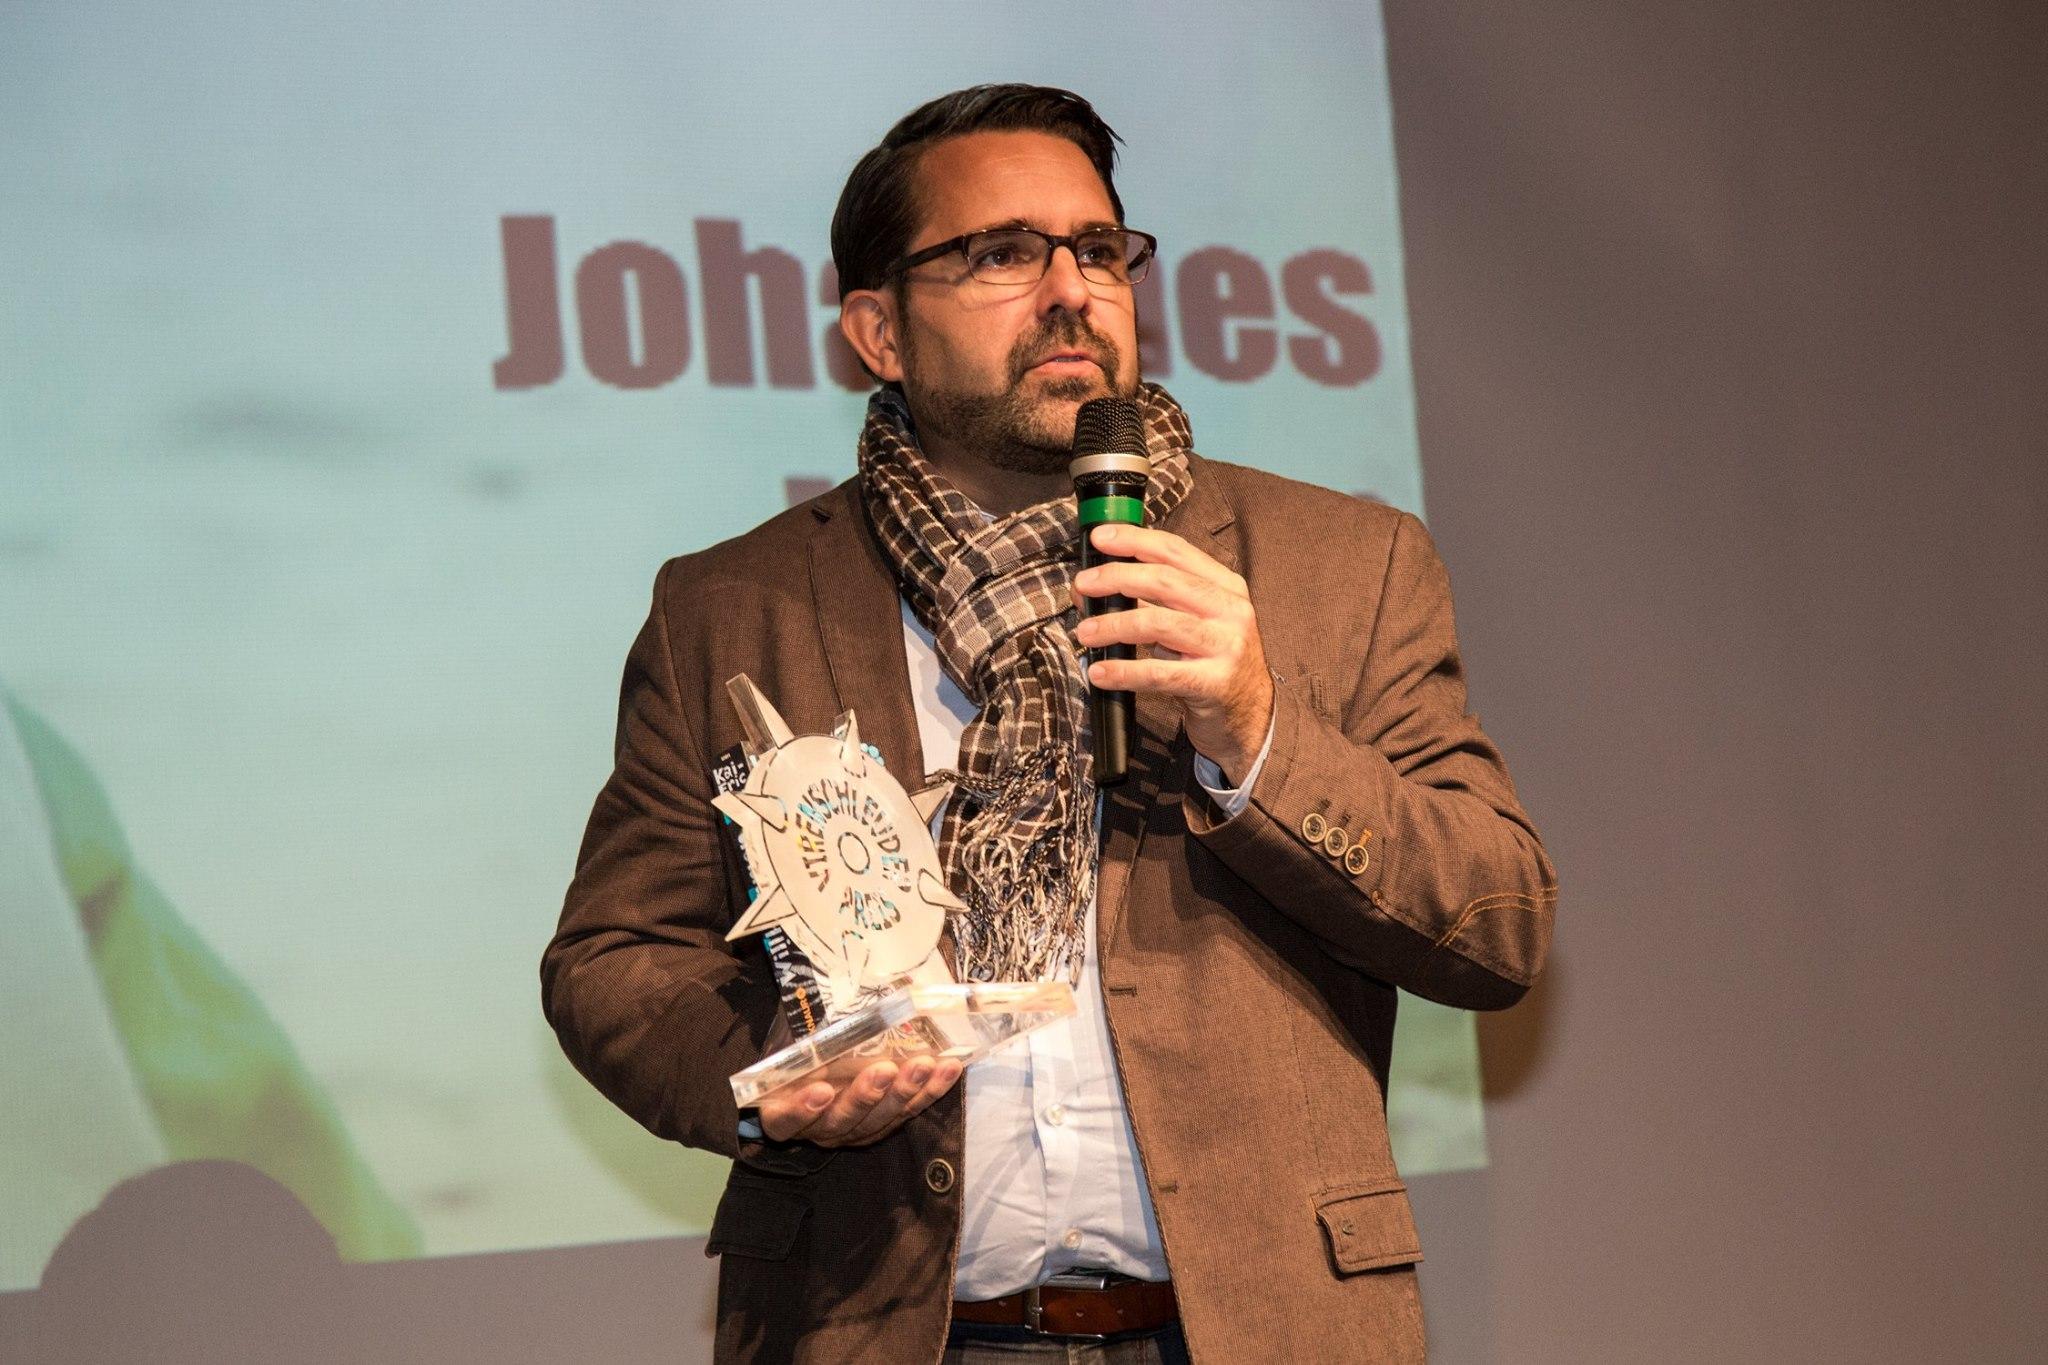 Johannes Korten